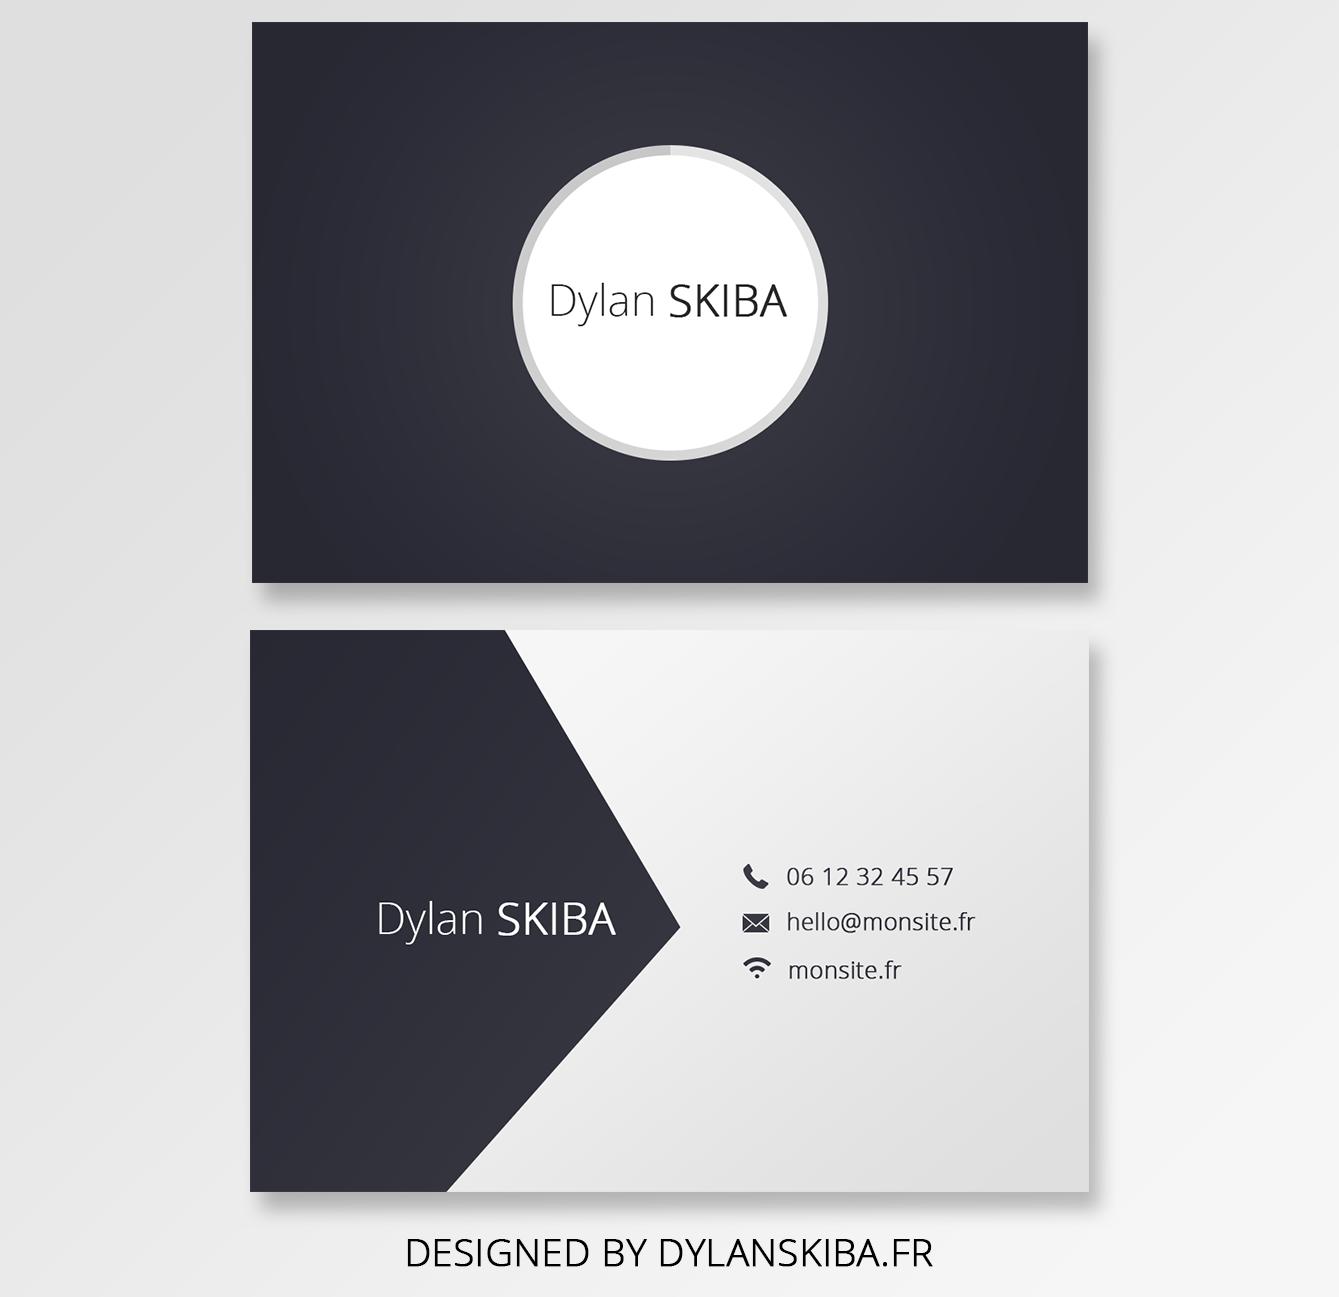 une carte sobre et minimaliste afin de donner ses coordonn u00e9es sans pour autant que cela ne